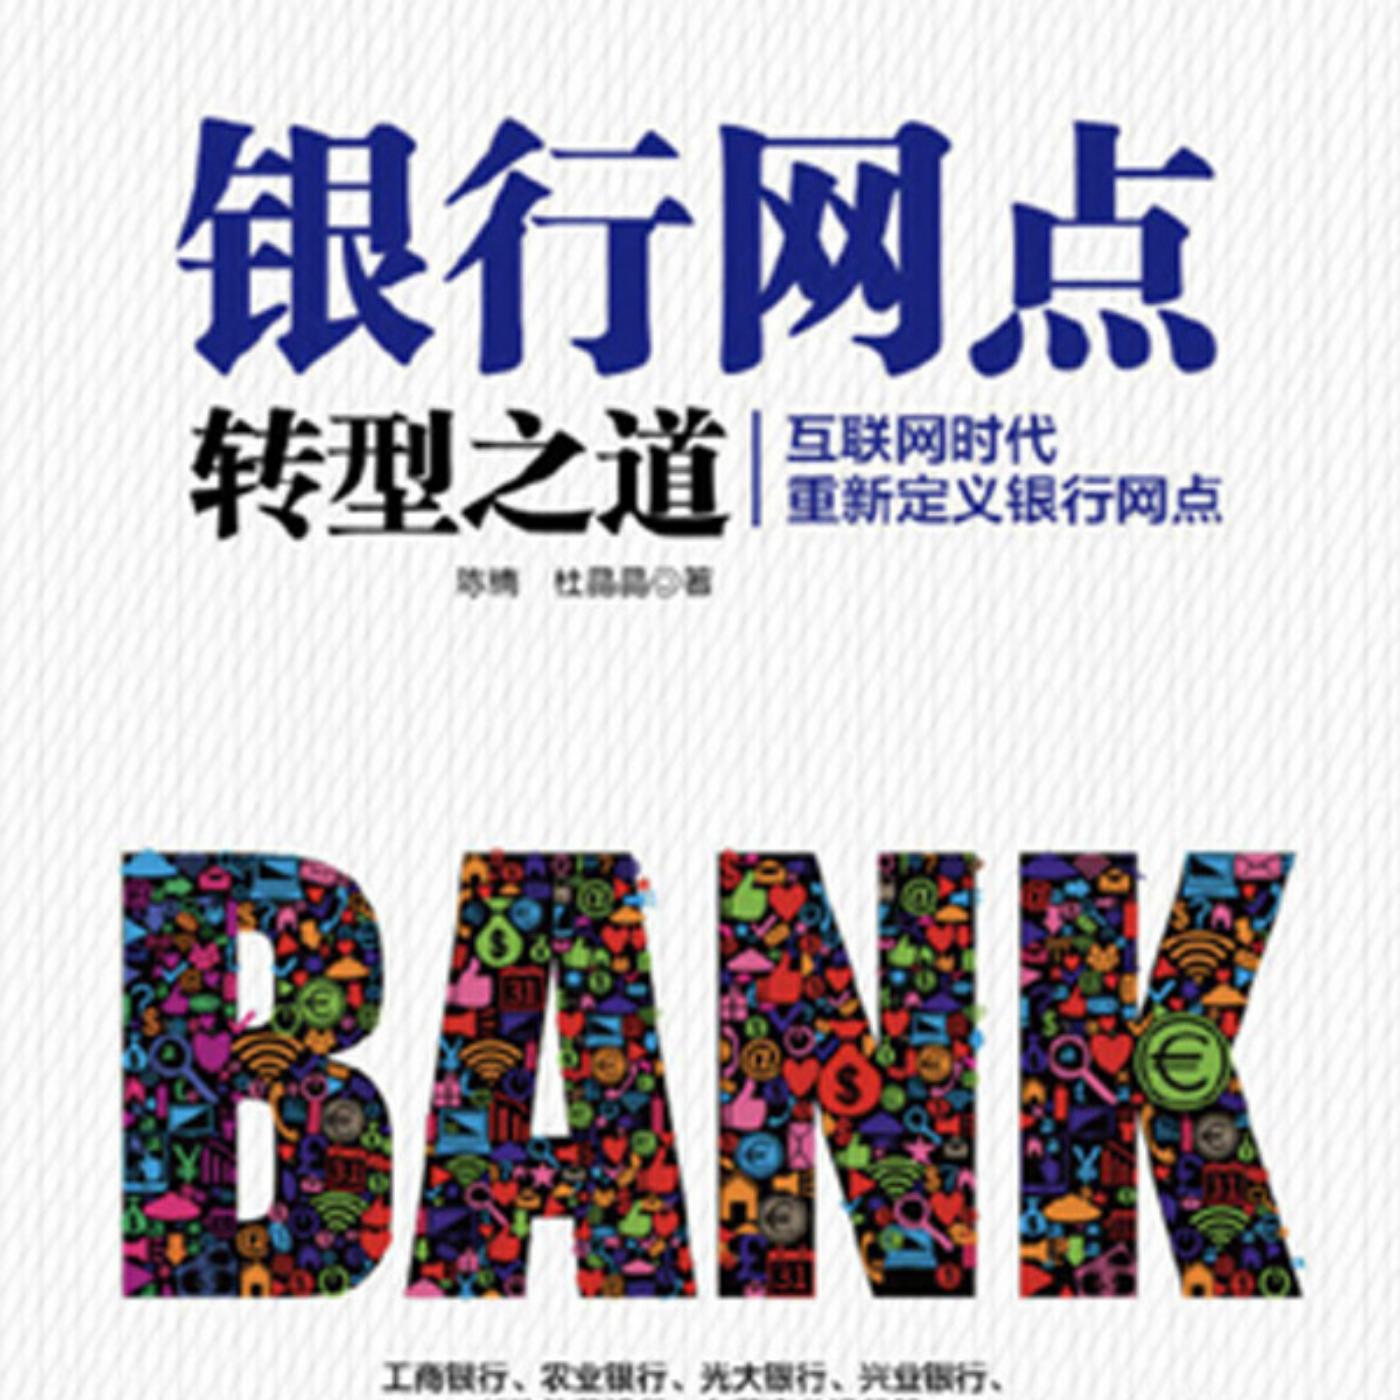 银行网点转型之道